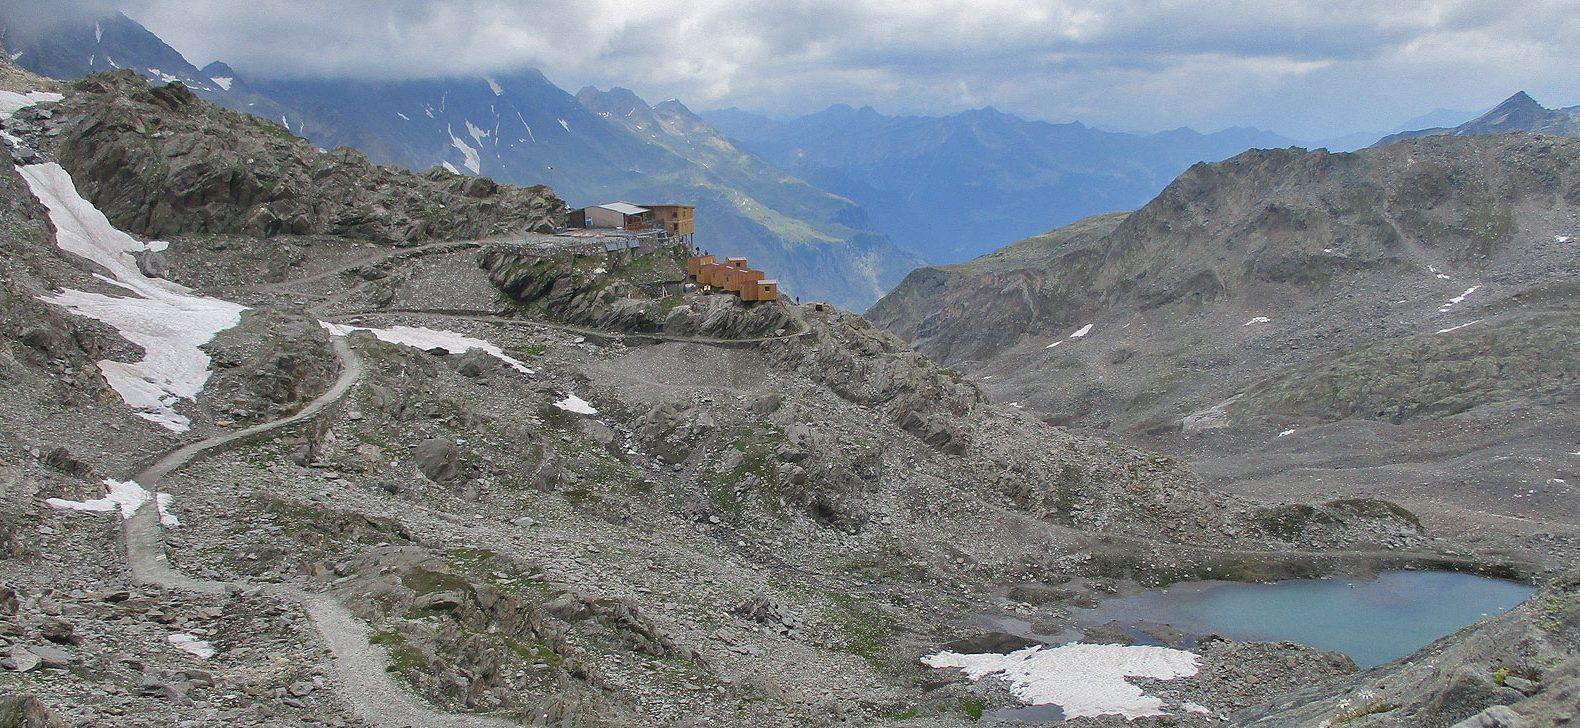 Schneebergscharte